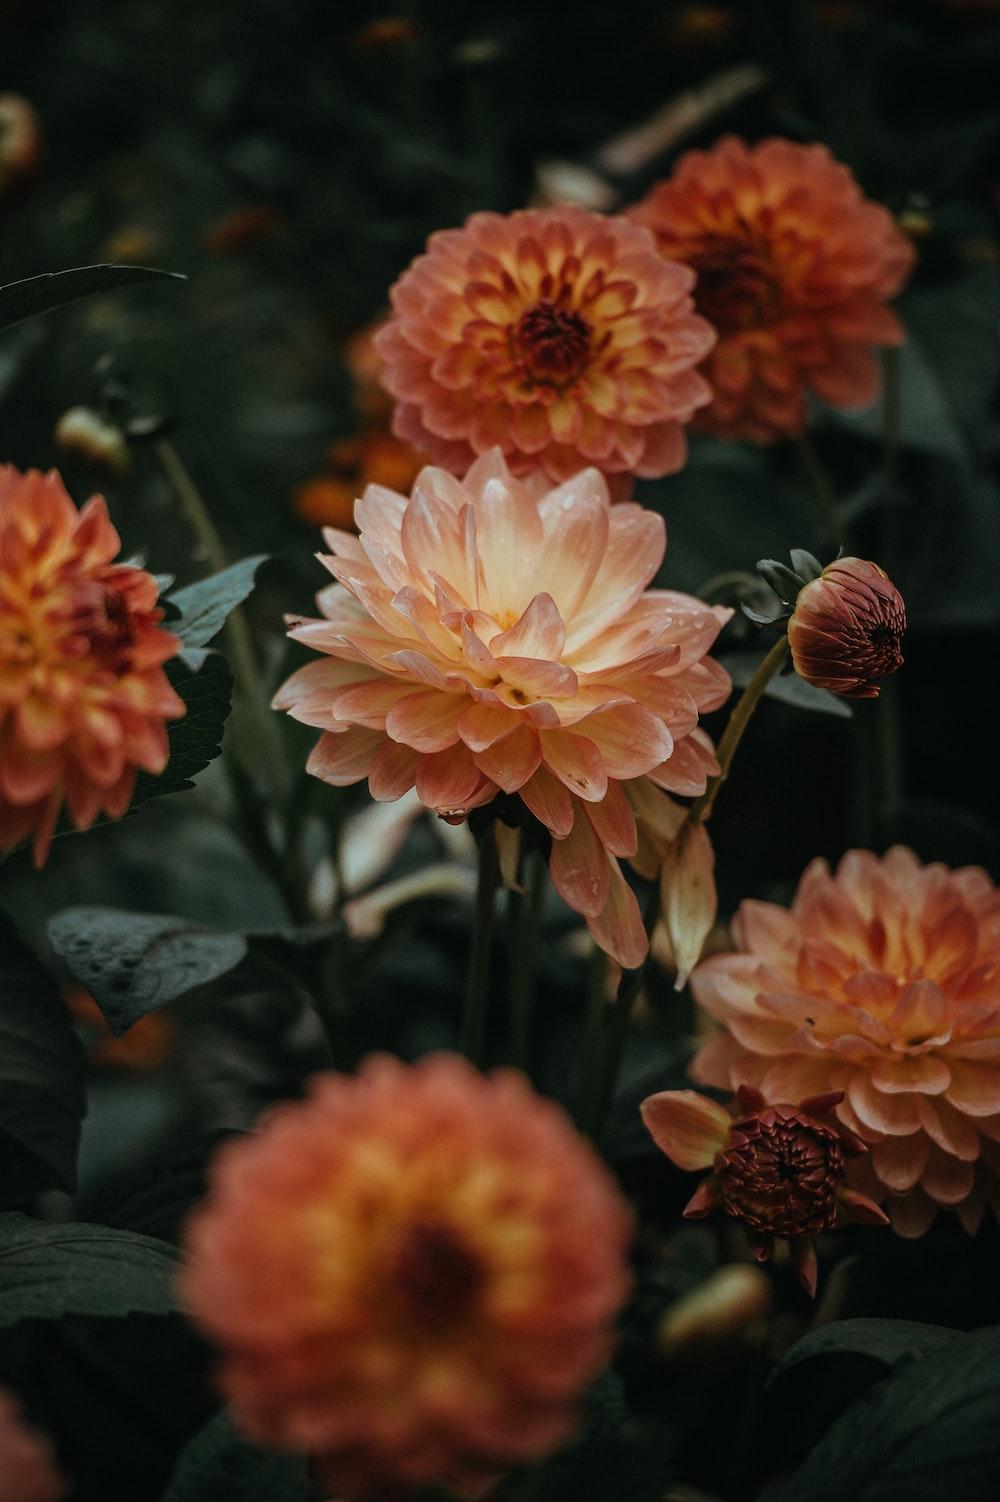 Dahlia Photo By Annie Spratt Anniespratt On Unsplash